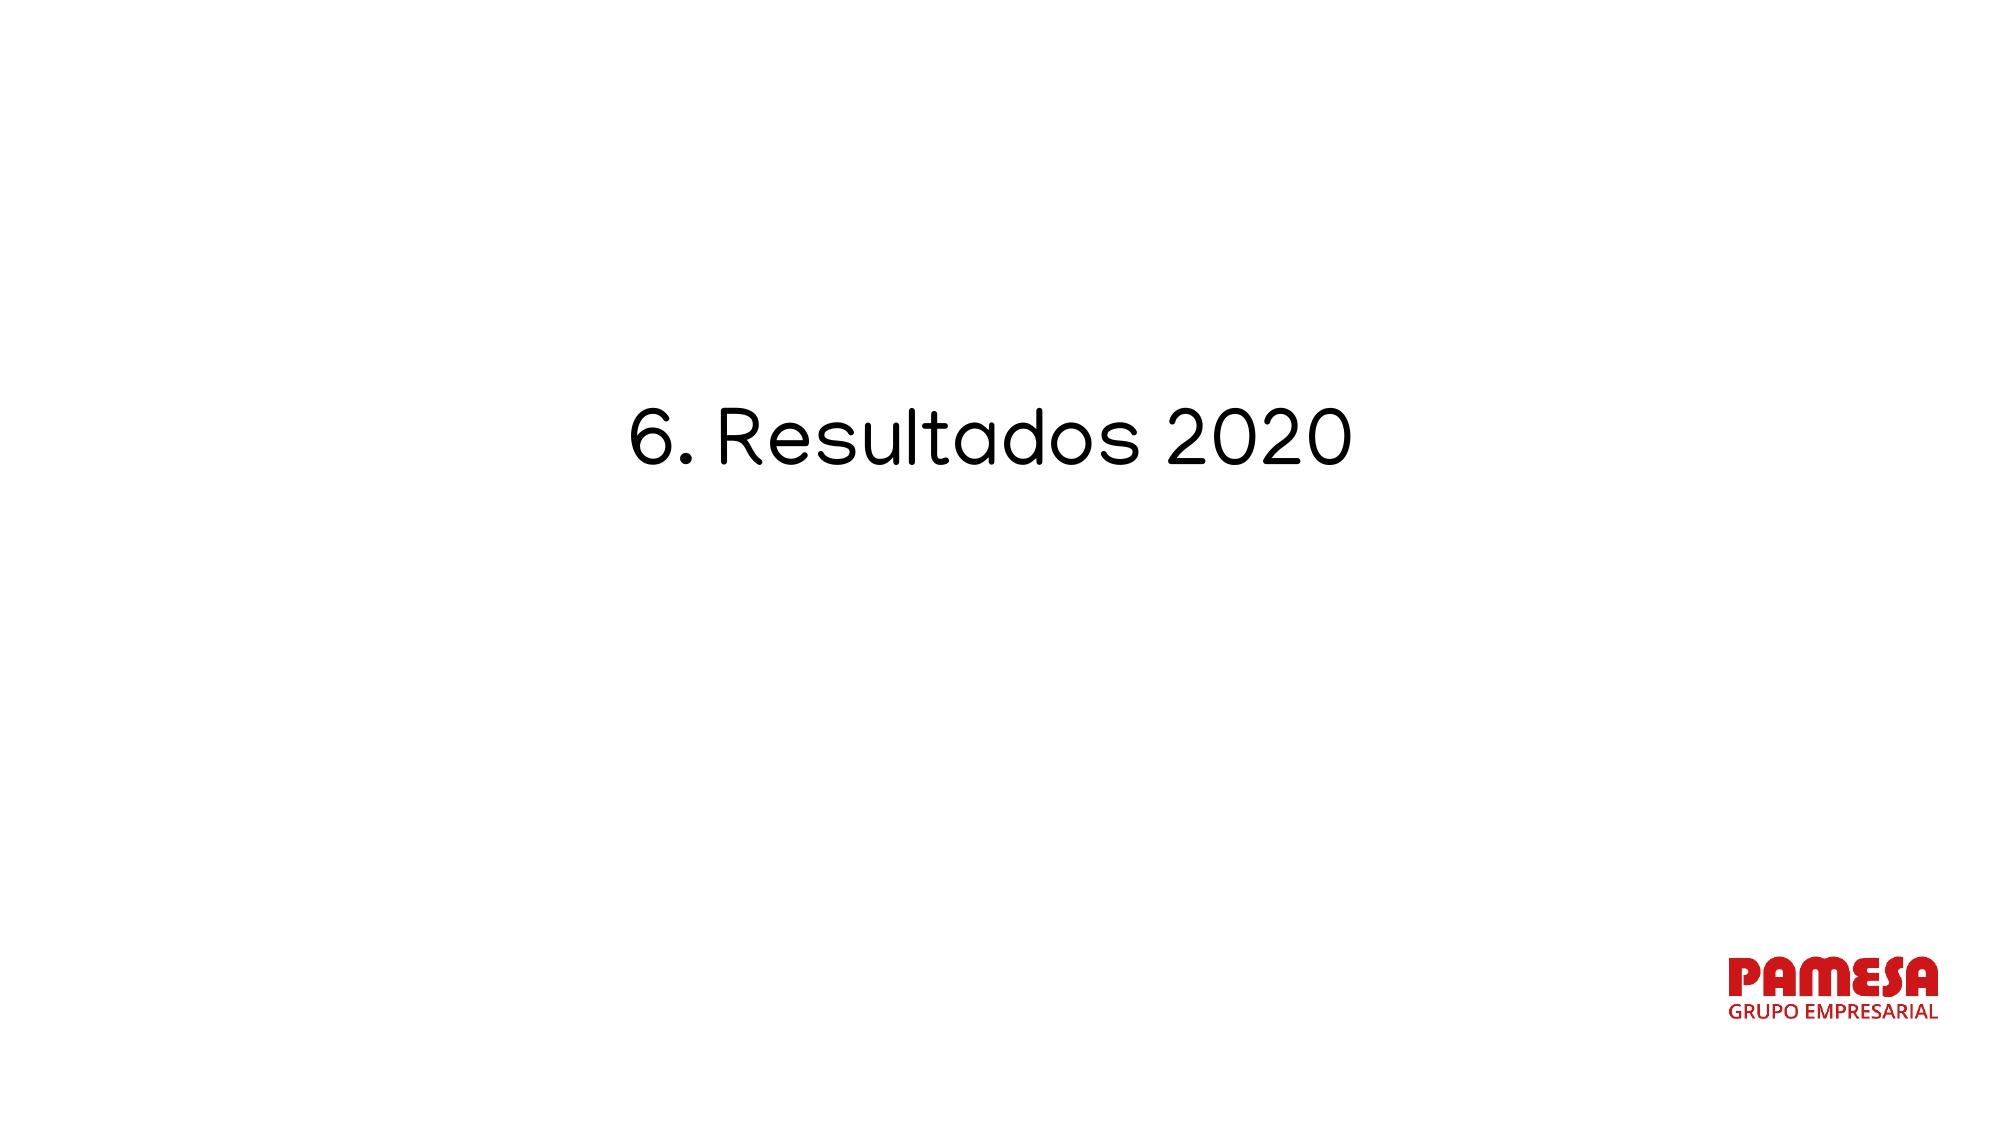 RESULTADOS_ pamesa_grupo_empresarial_page-0049